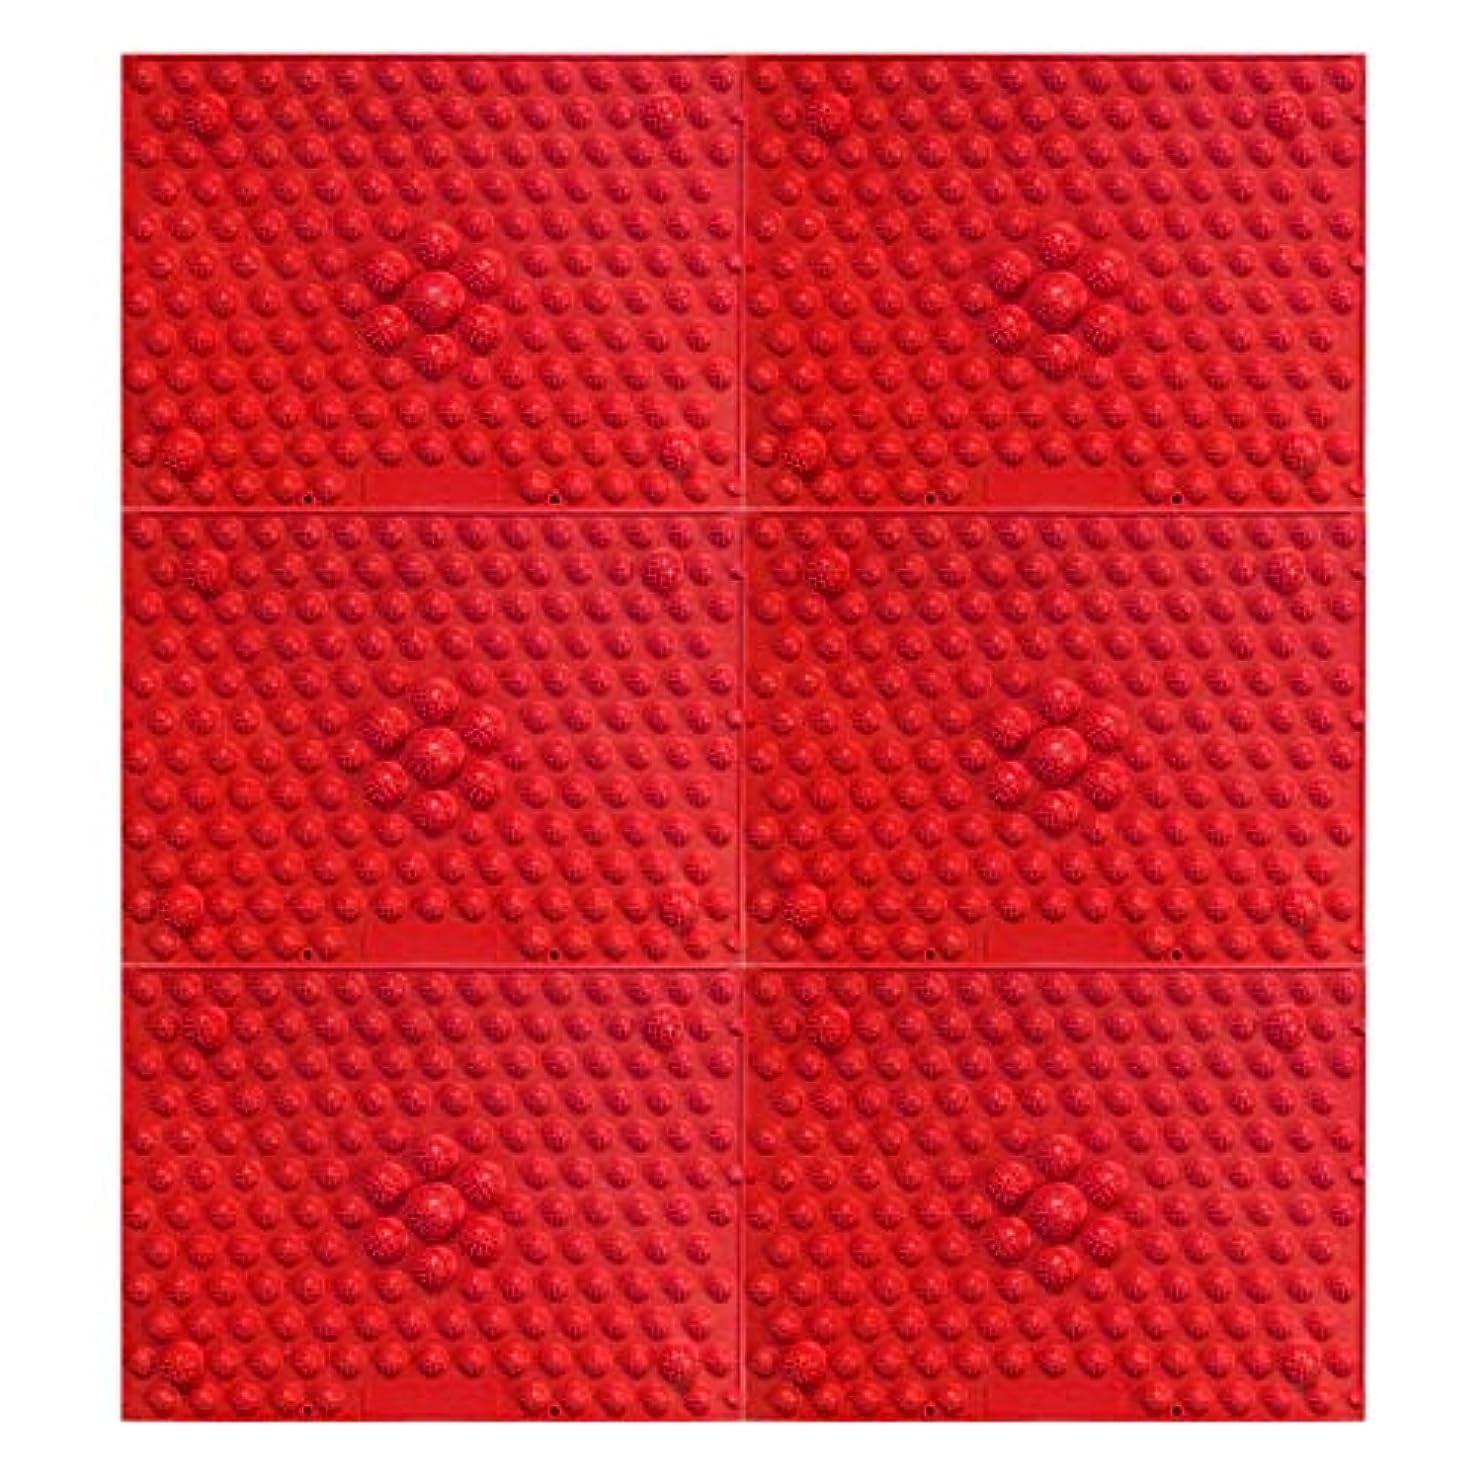 きしむ議題ランタン疲れsirazu(足踏みマット)ピンク6枚セット (赤)